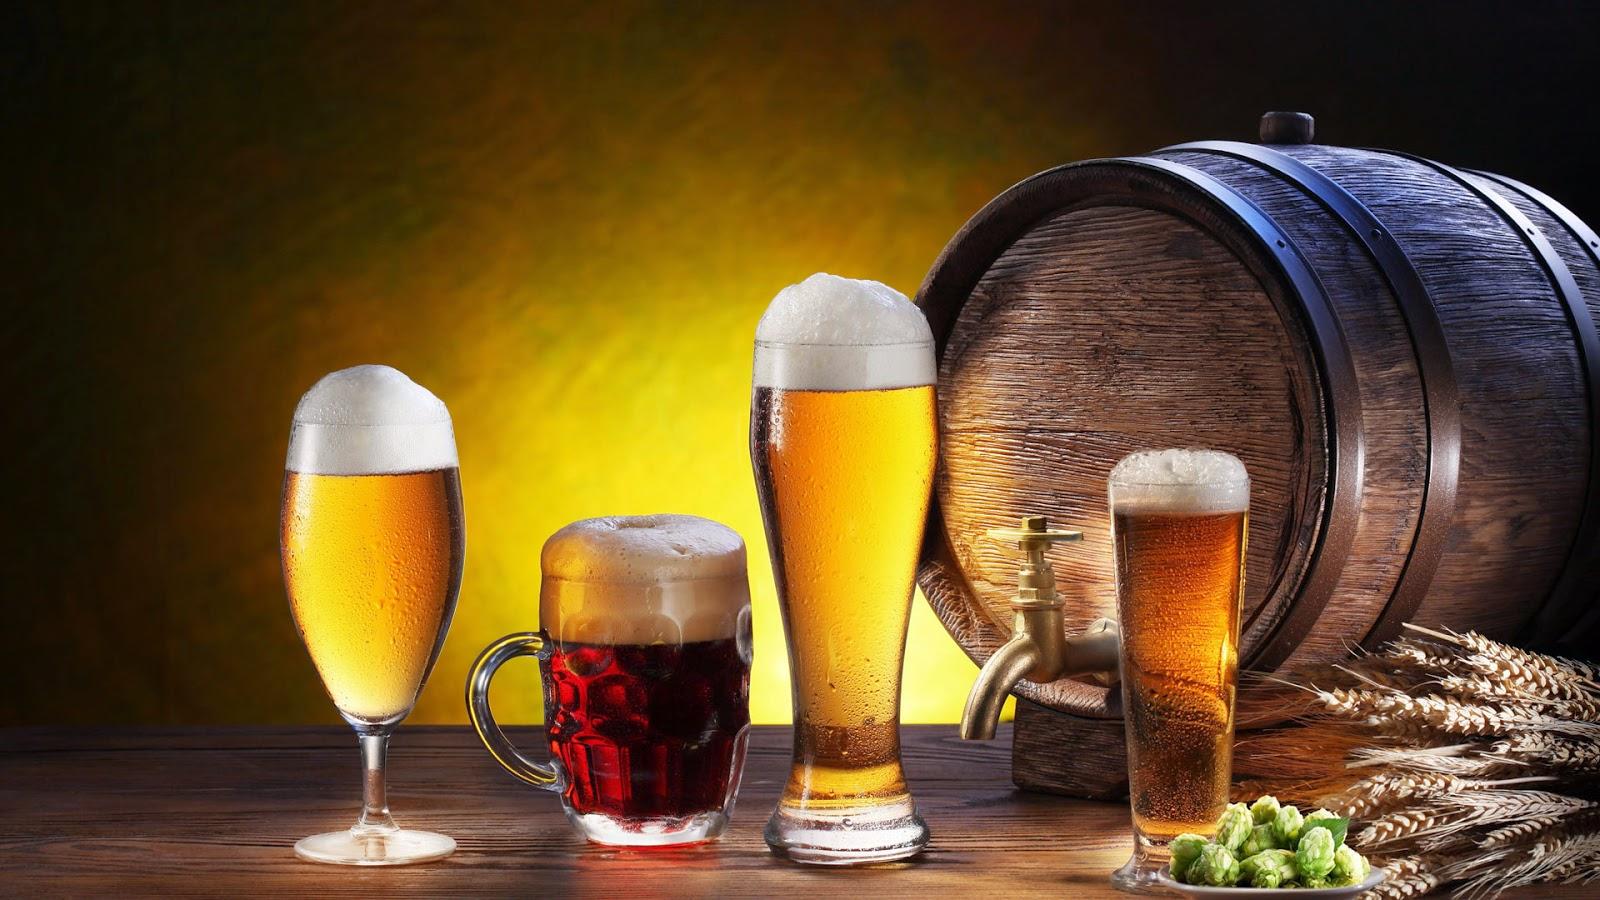 claremont Beer